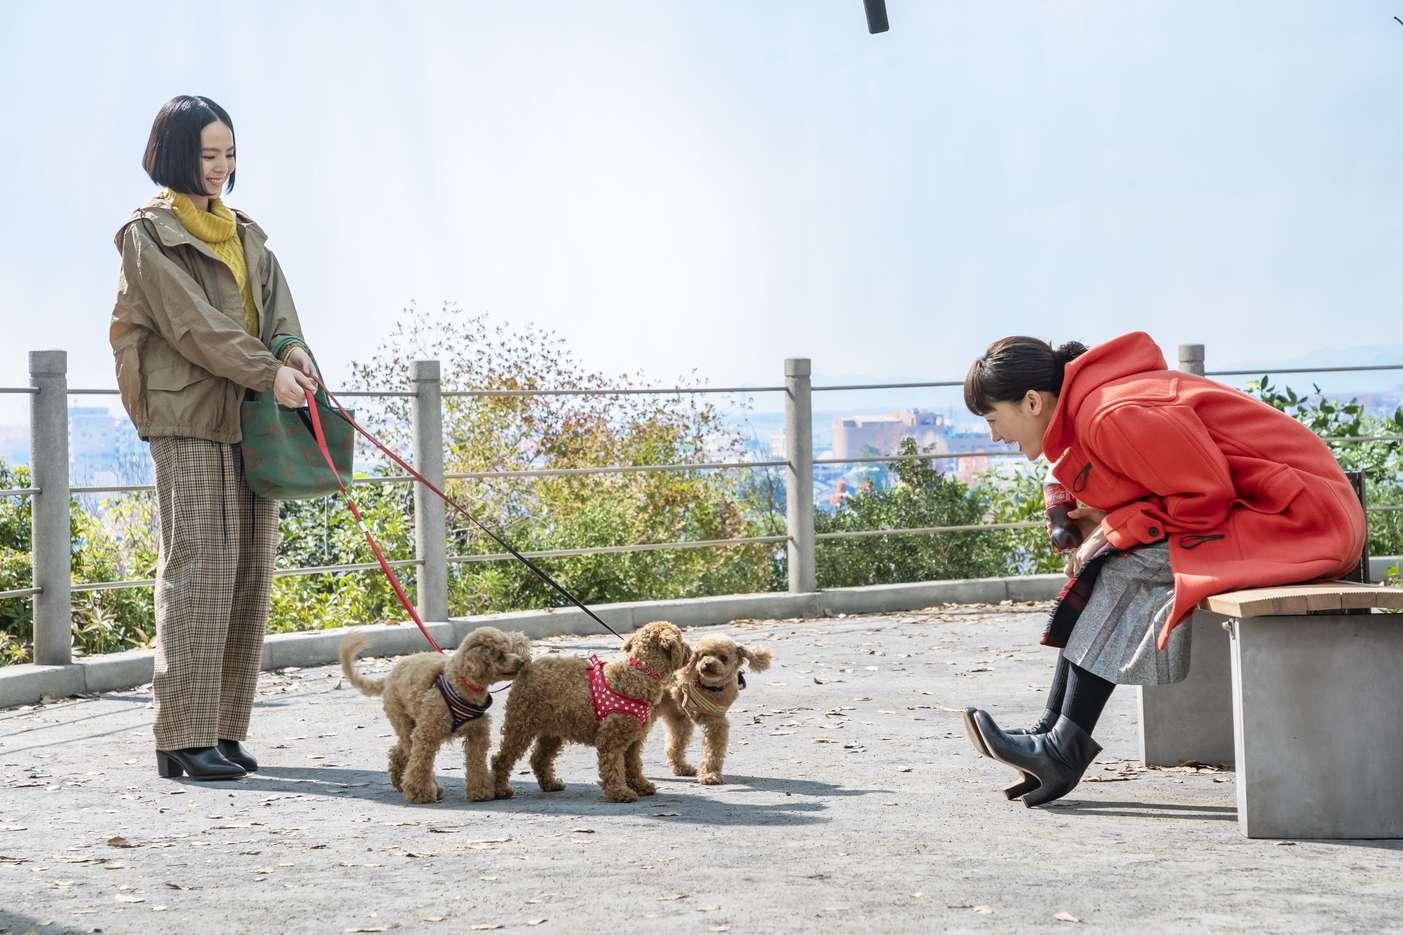 綾瀬はるか(女優)犬の散歩/コカ・コーラCM 2019年1月